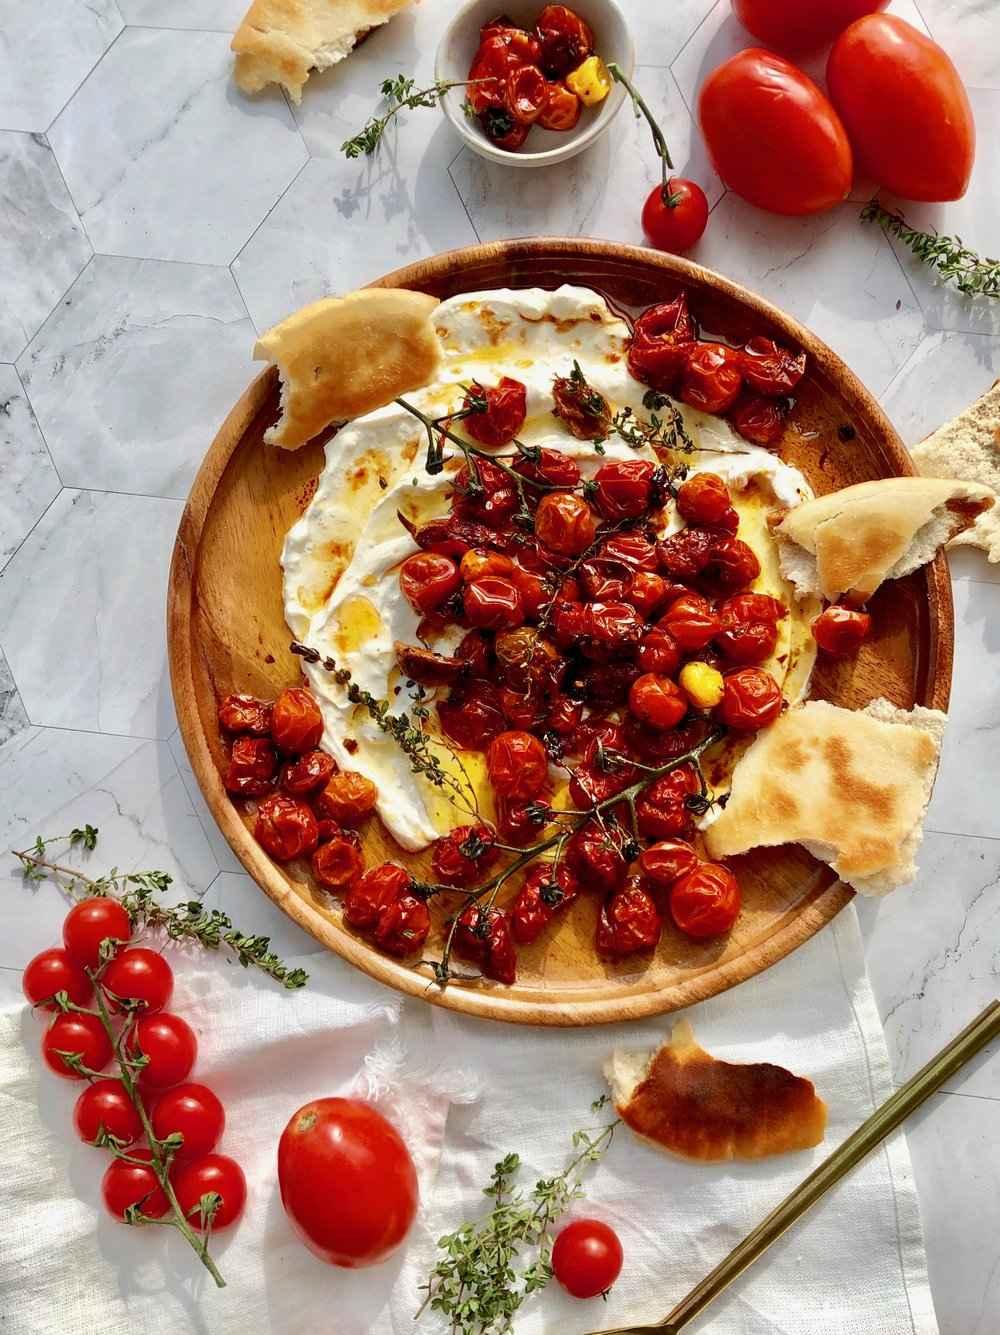 Receita de Tomate confit para Almoço saudável